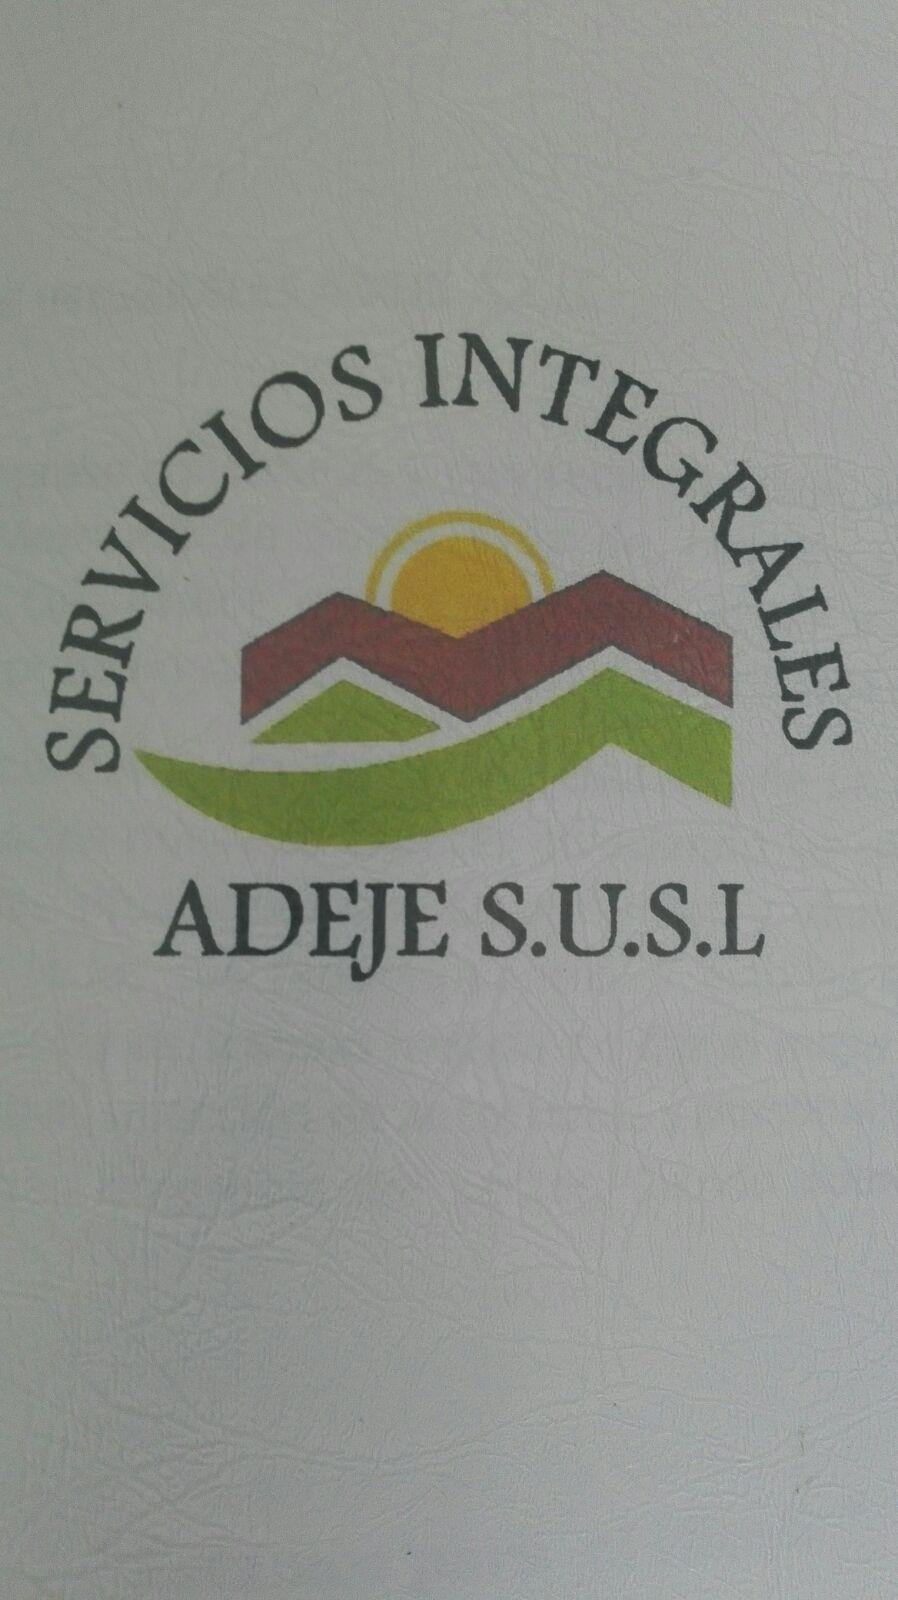 SERV. INTEGRALES ADEJE